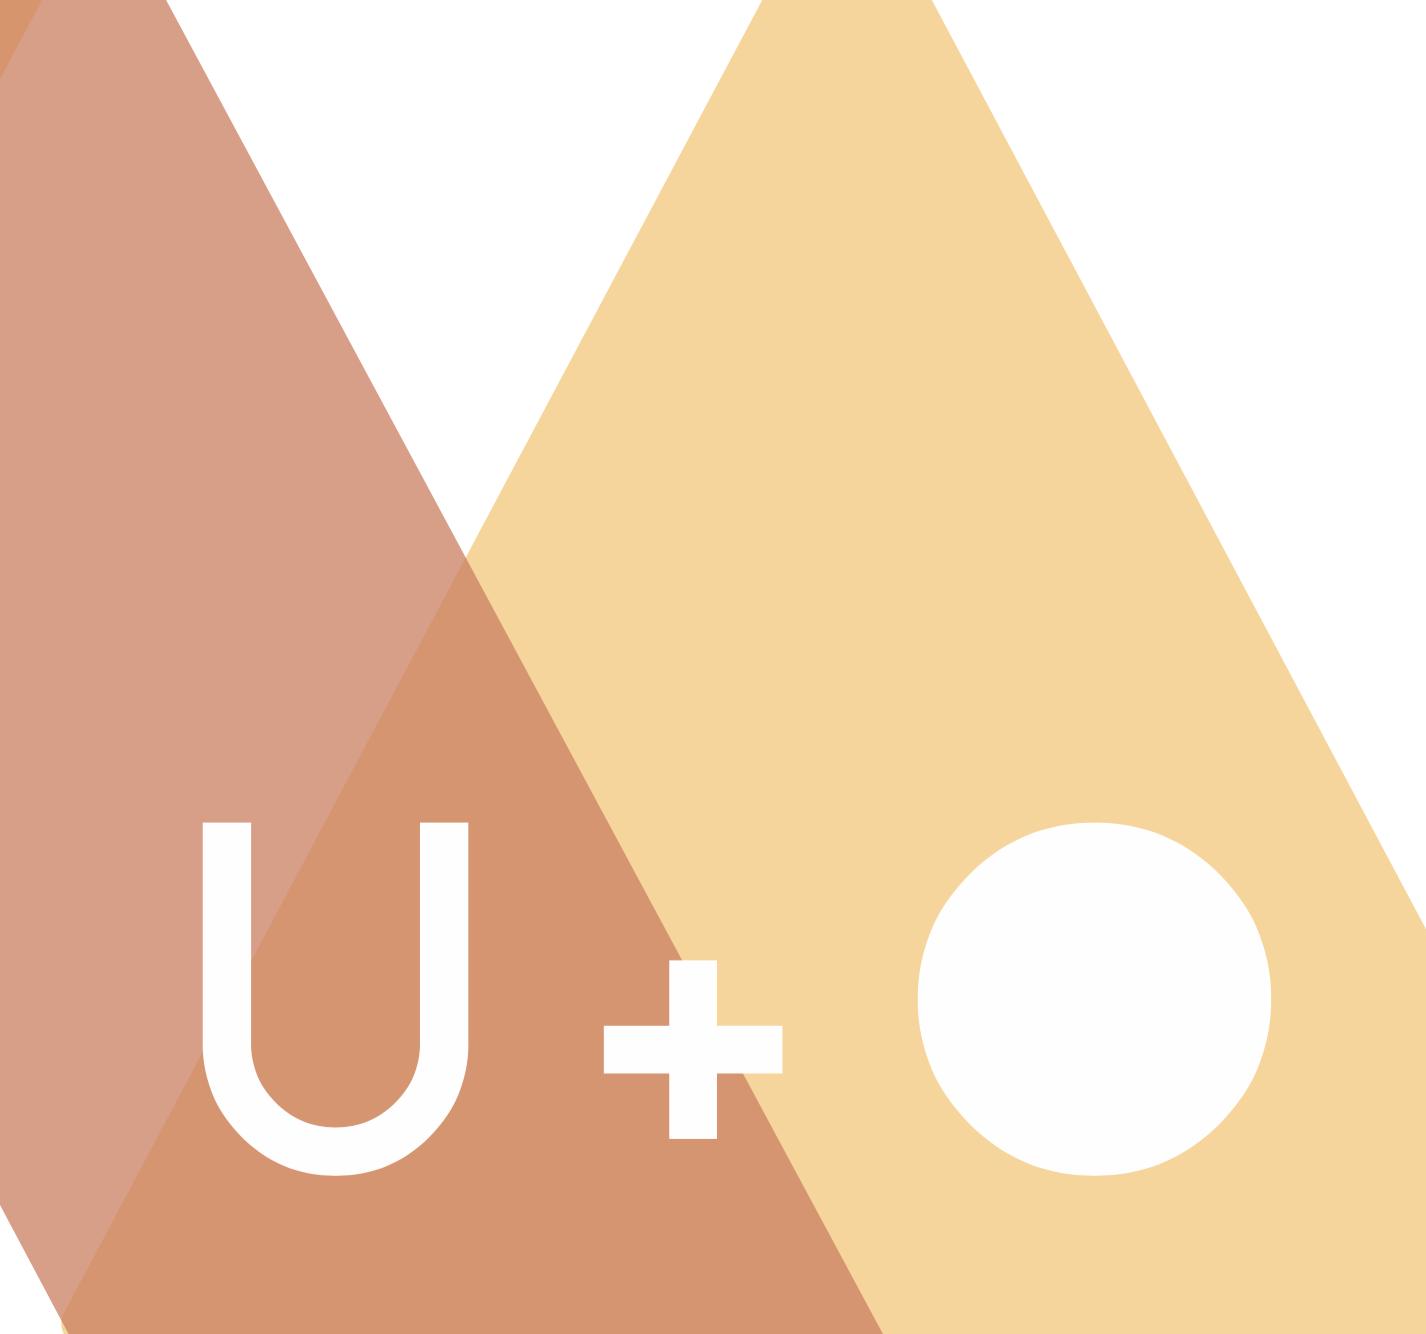 U_O_LOGO_CROP